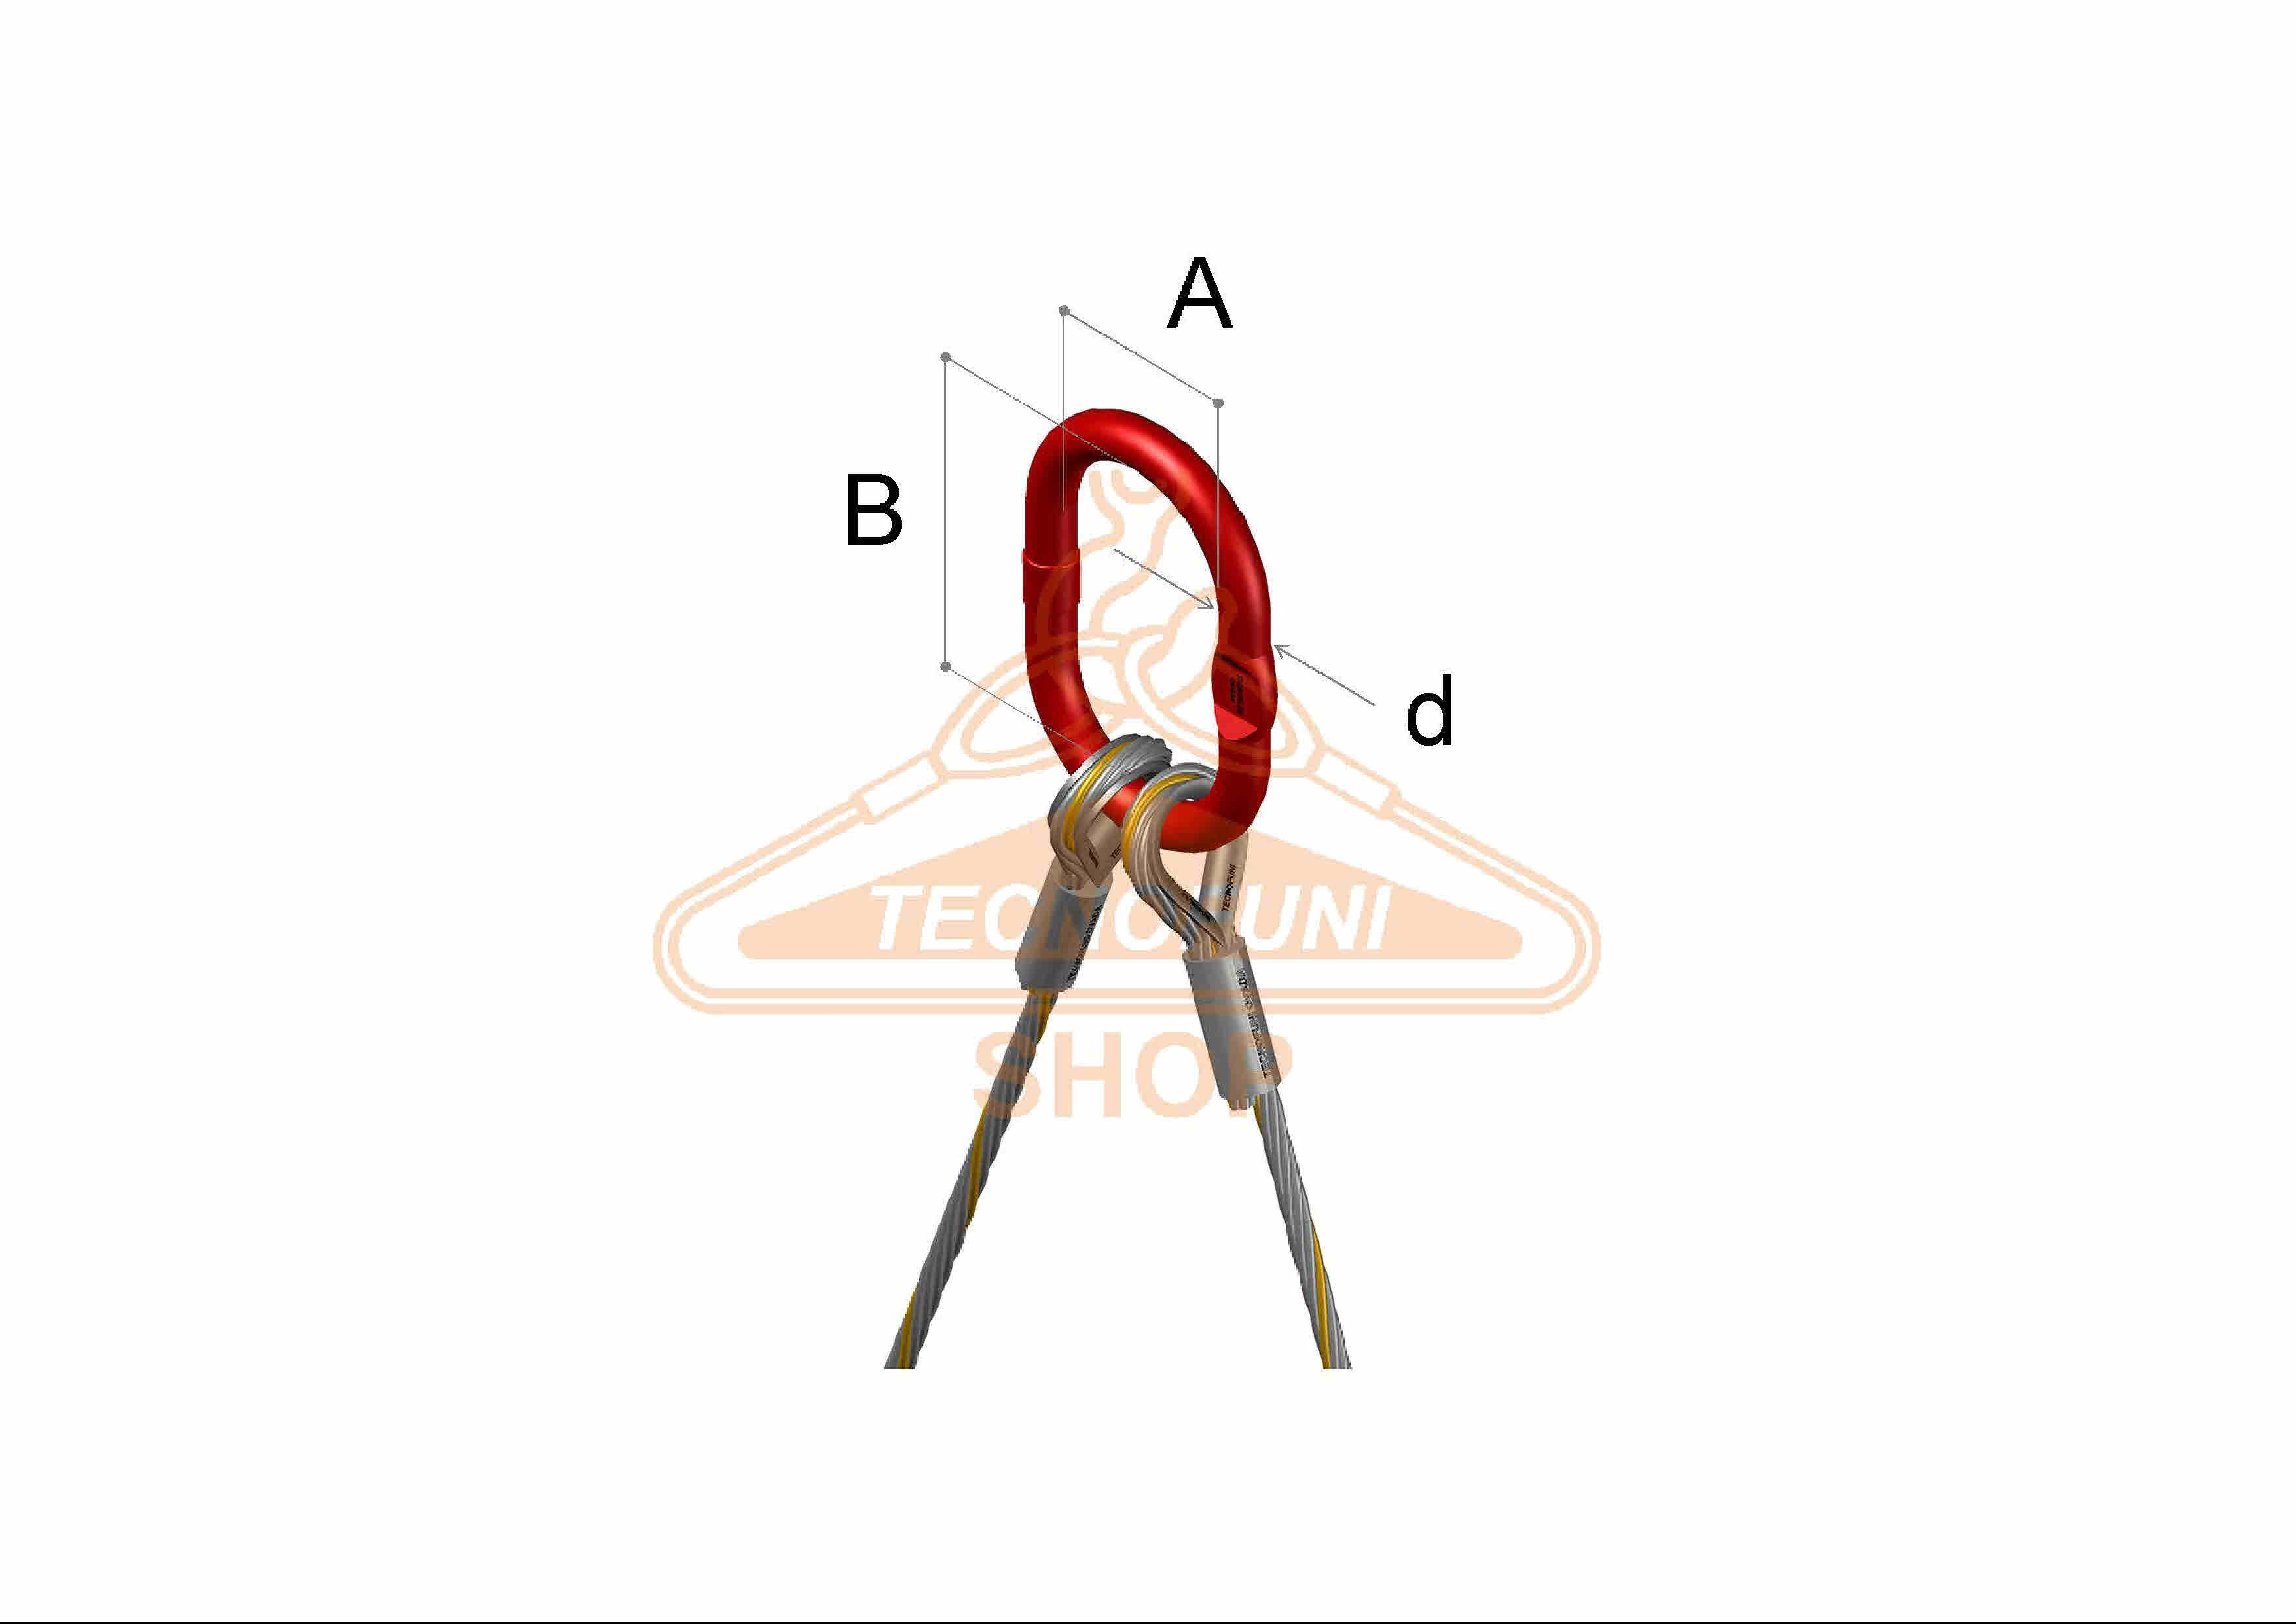 Dimensioni campanella pressata su tirante 2 bracci in fune di accaio zincato